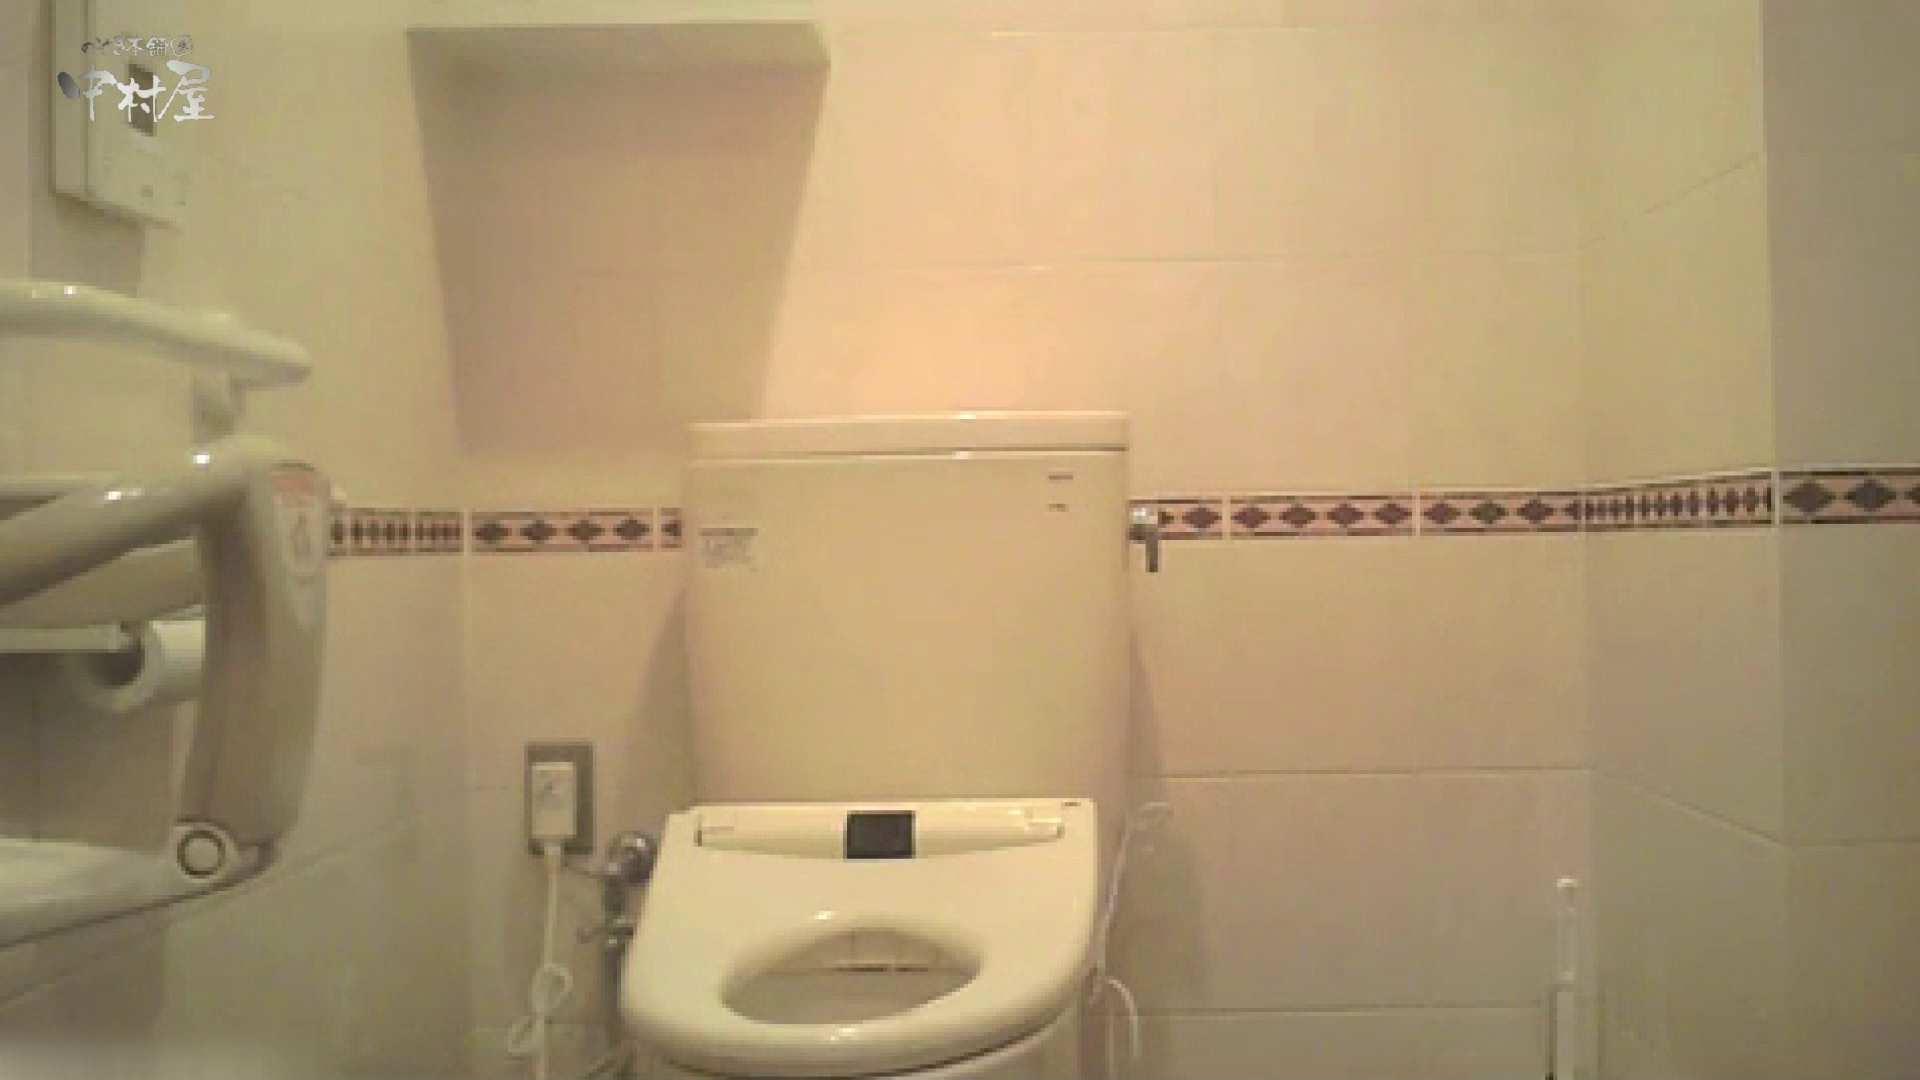 ティーンガールのトイレ覗き‼vol.07 お姉さん 盗撮オメコ無修正動画無料 67PICs 39